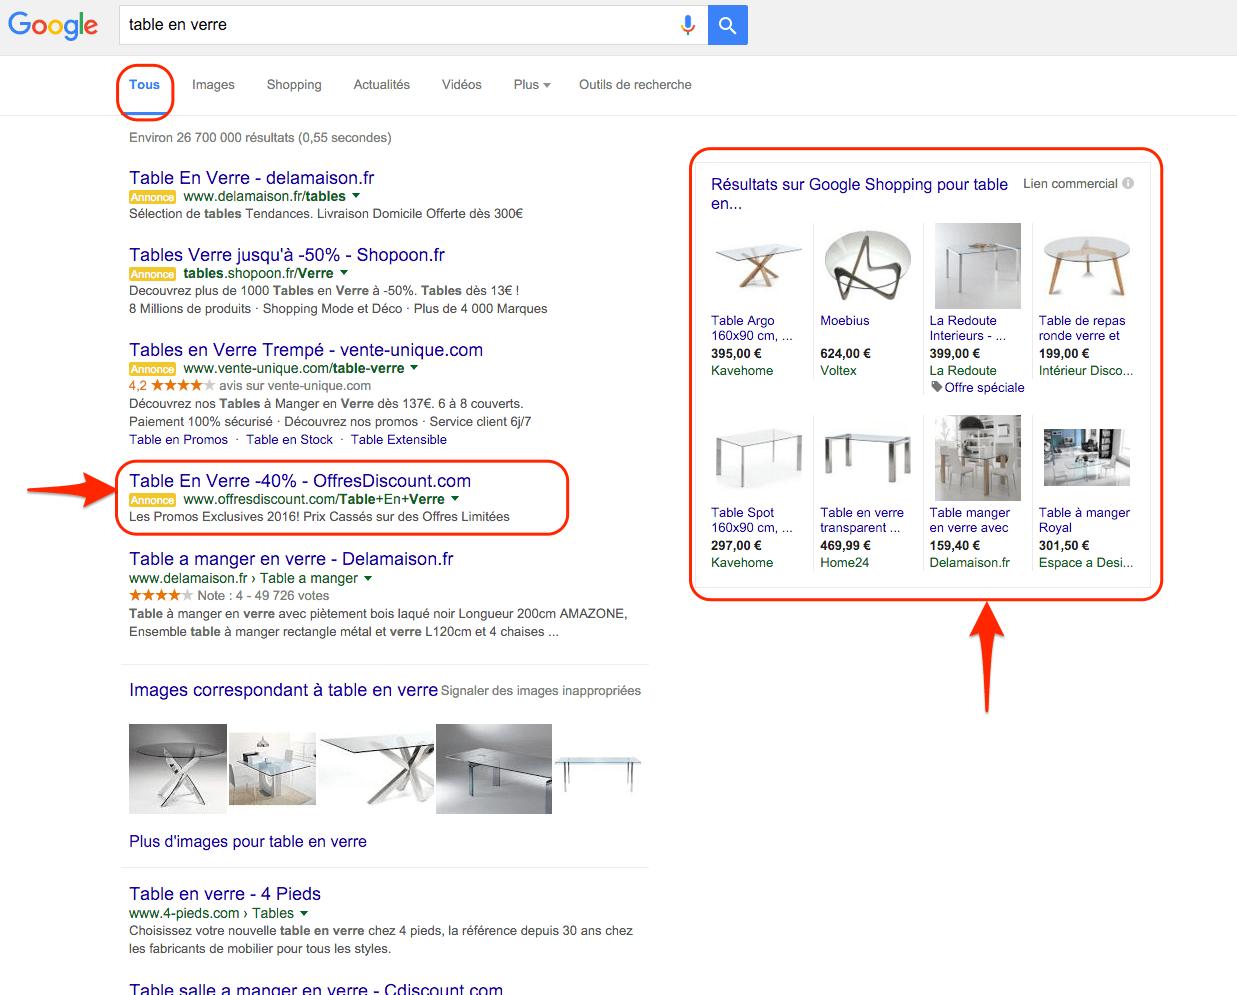 Nouvelle distribution des résultats Google